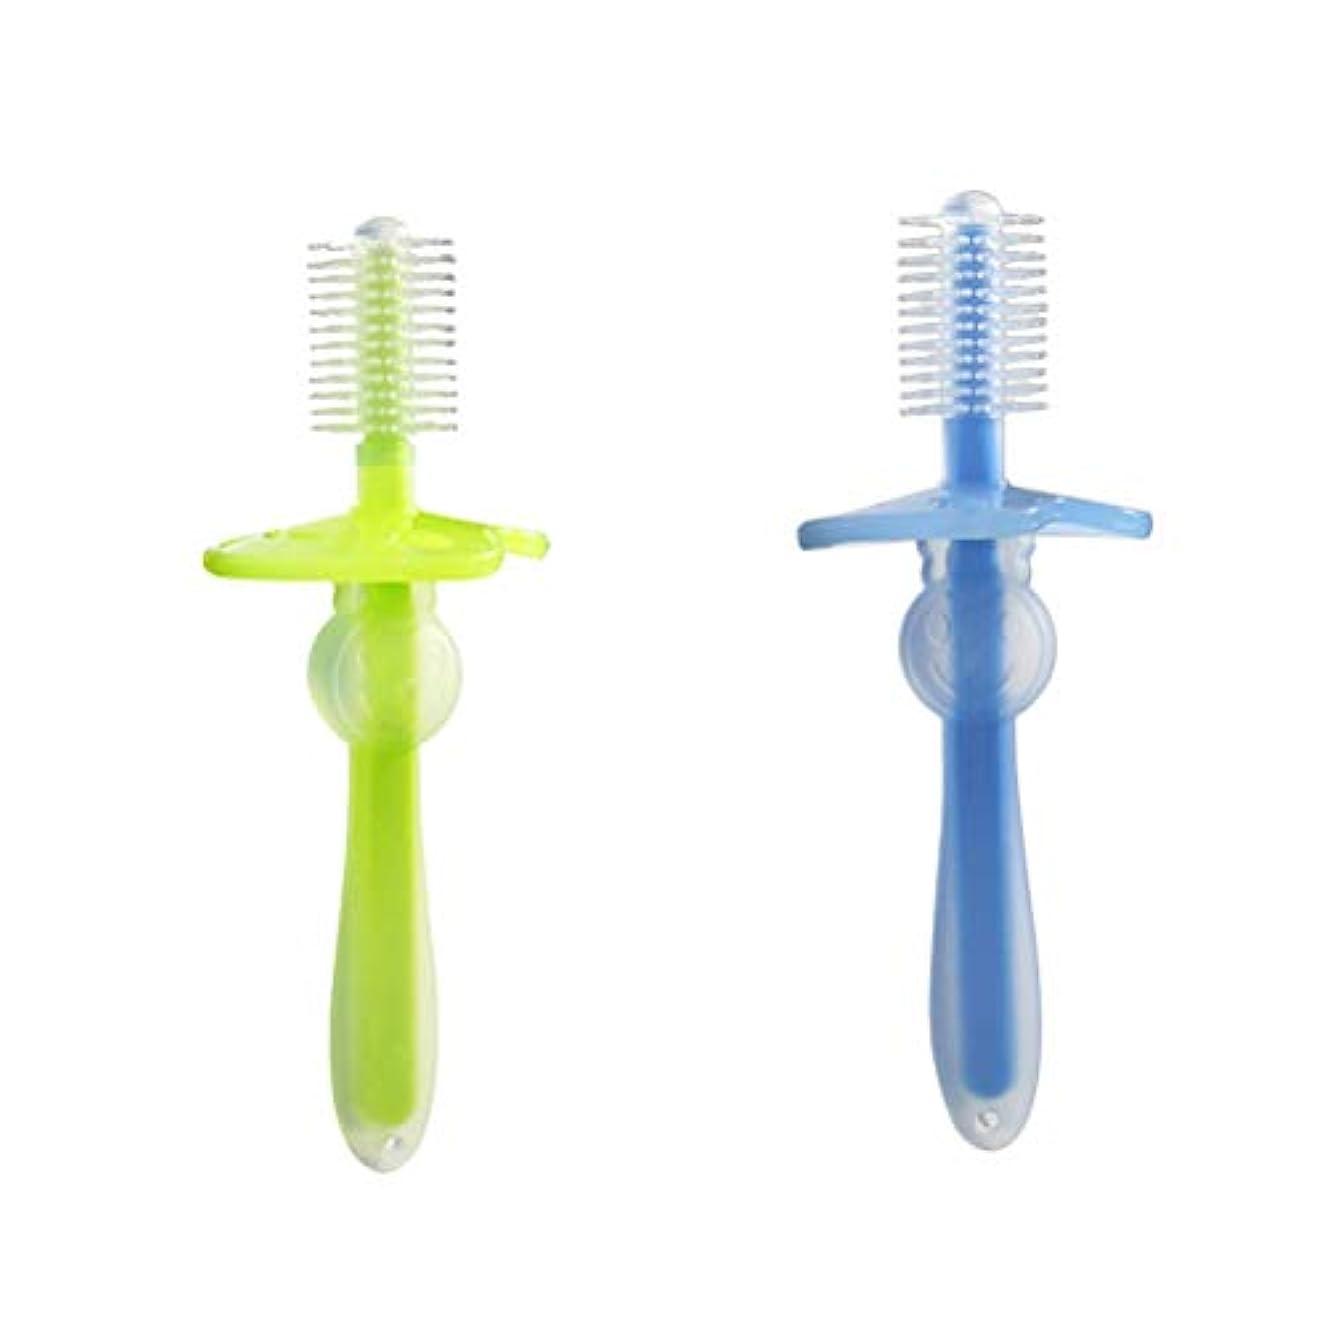 香ばしい談話スカルクHealifty 歯ブラシ シリコン 360°ベビー歯ブラシ 幼児 柔軟なトレーニング歯ブラシ 2ピース(緑と青)